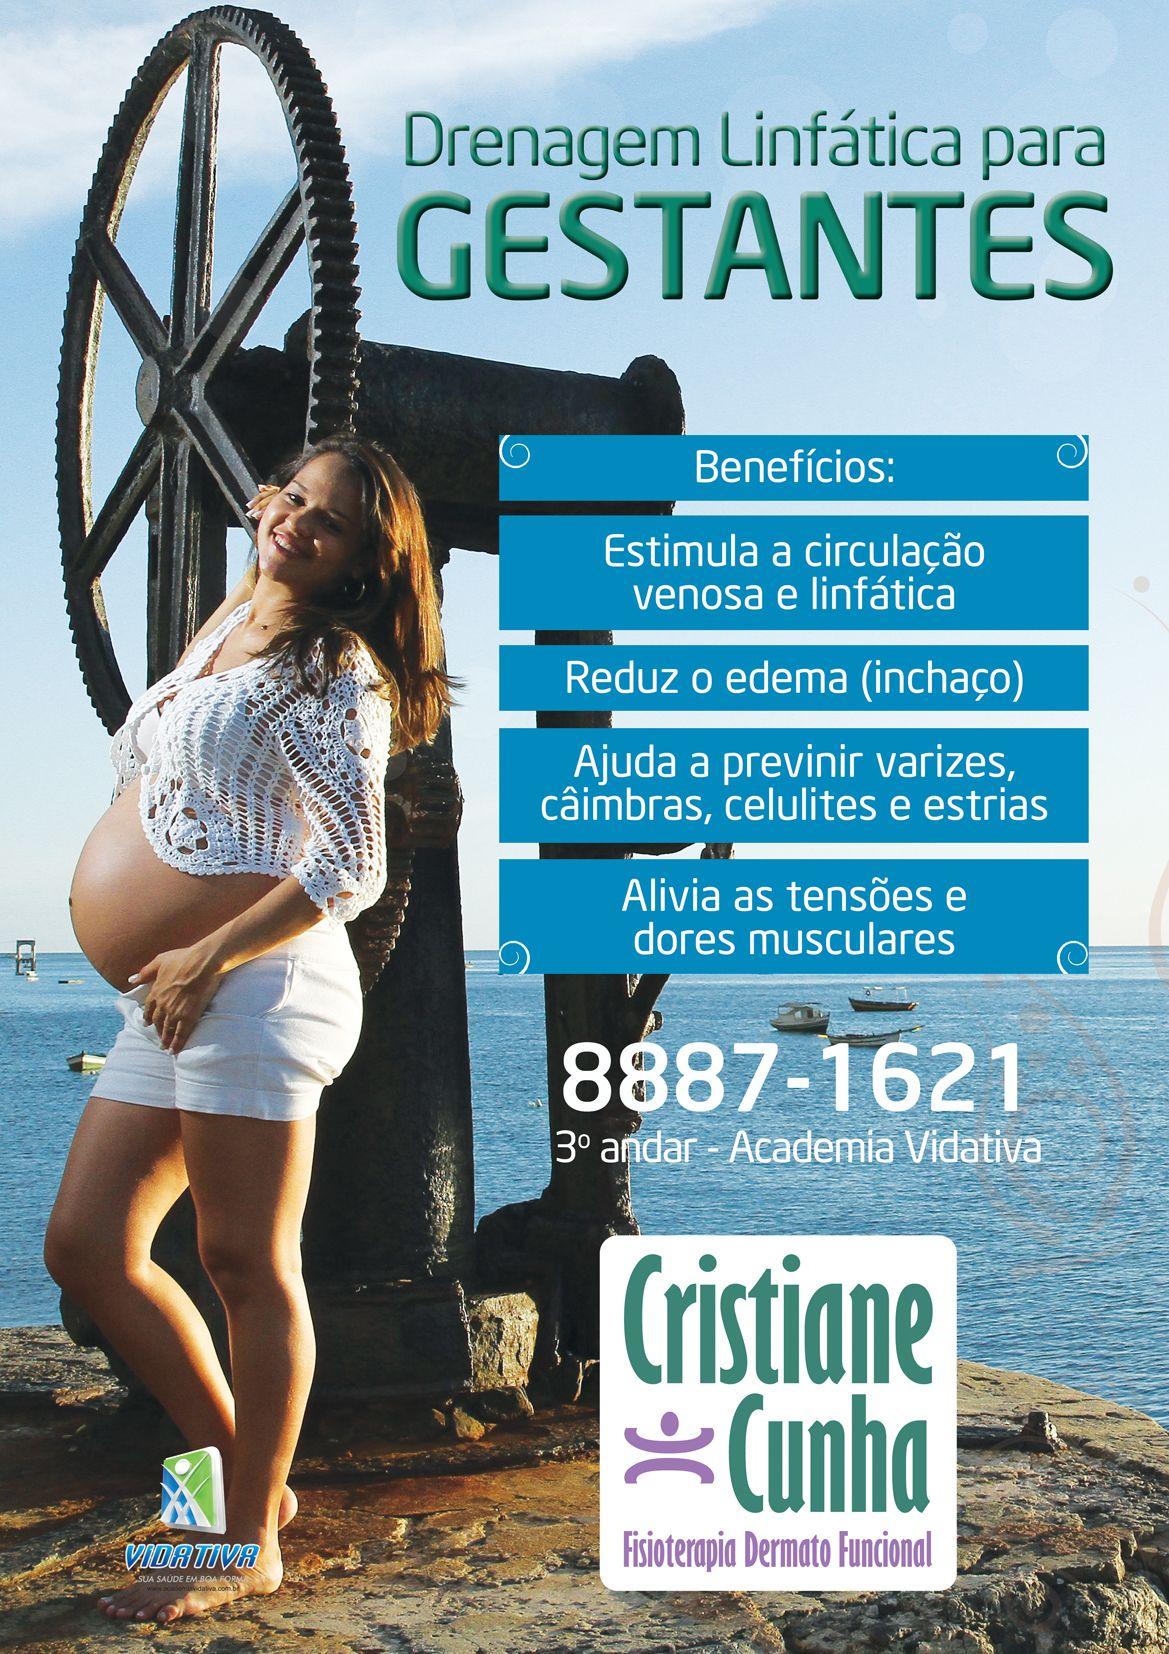 Divulgação da fisioterapeuta Cristiane Cunha!